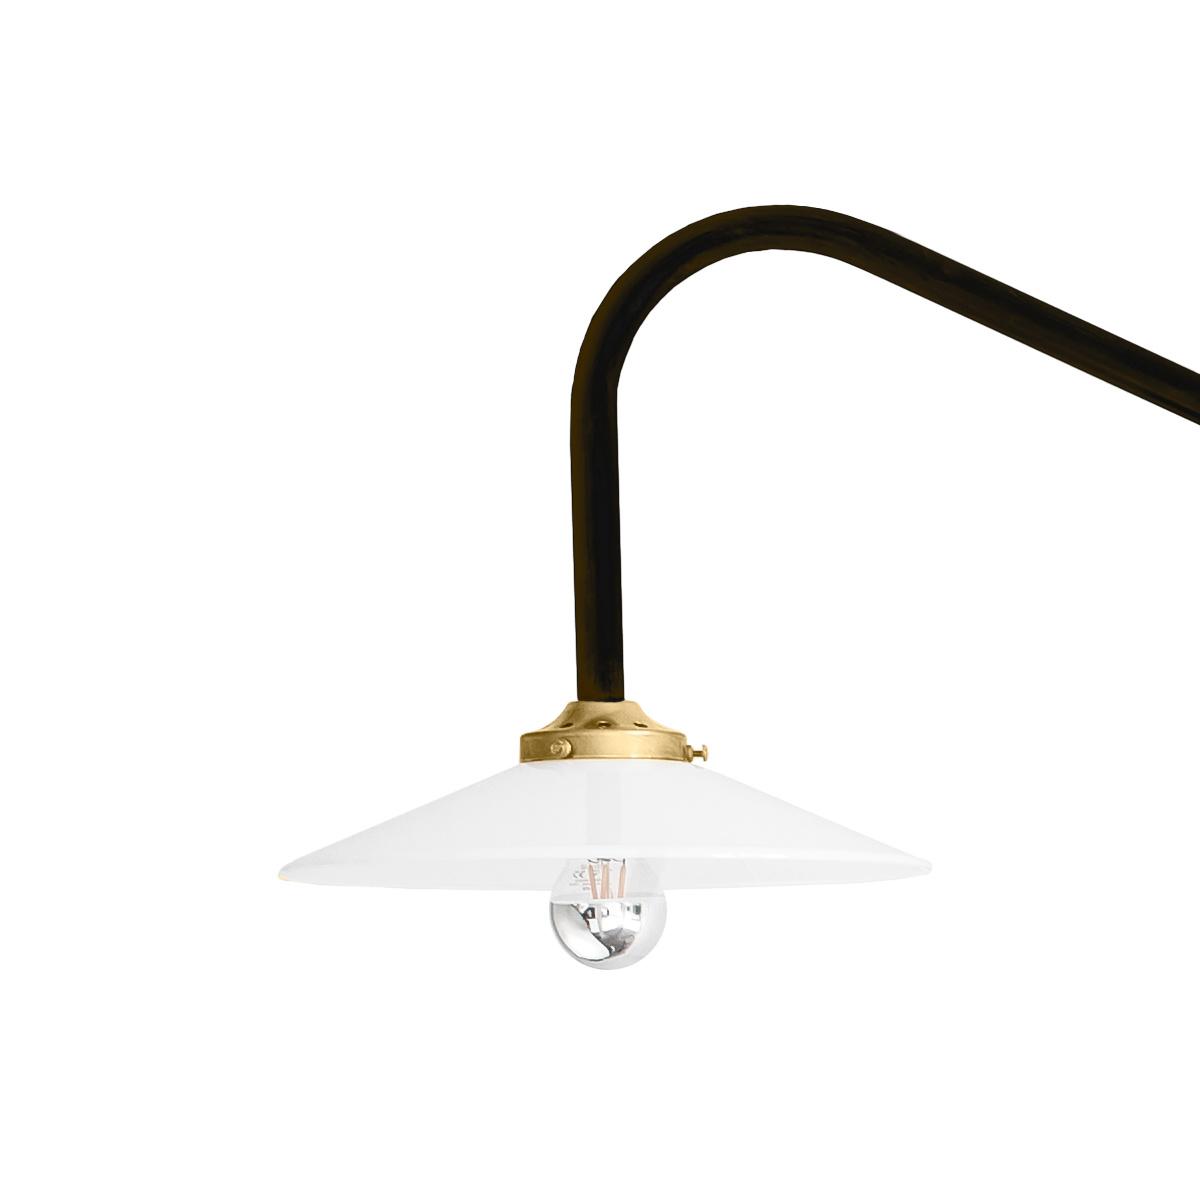 Hanging Lamp No. 1-12